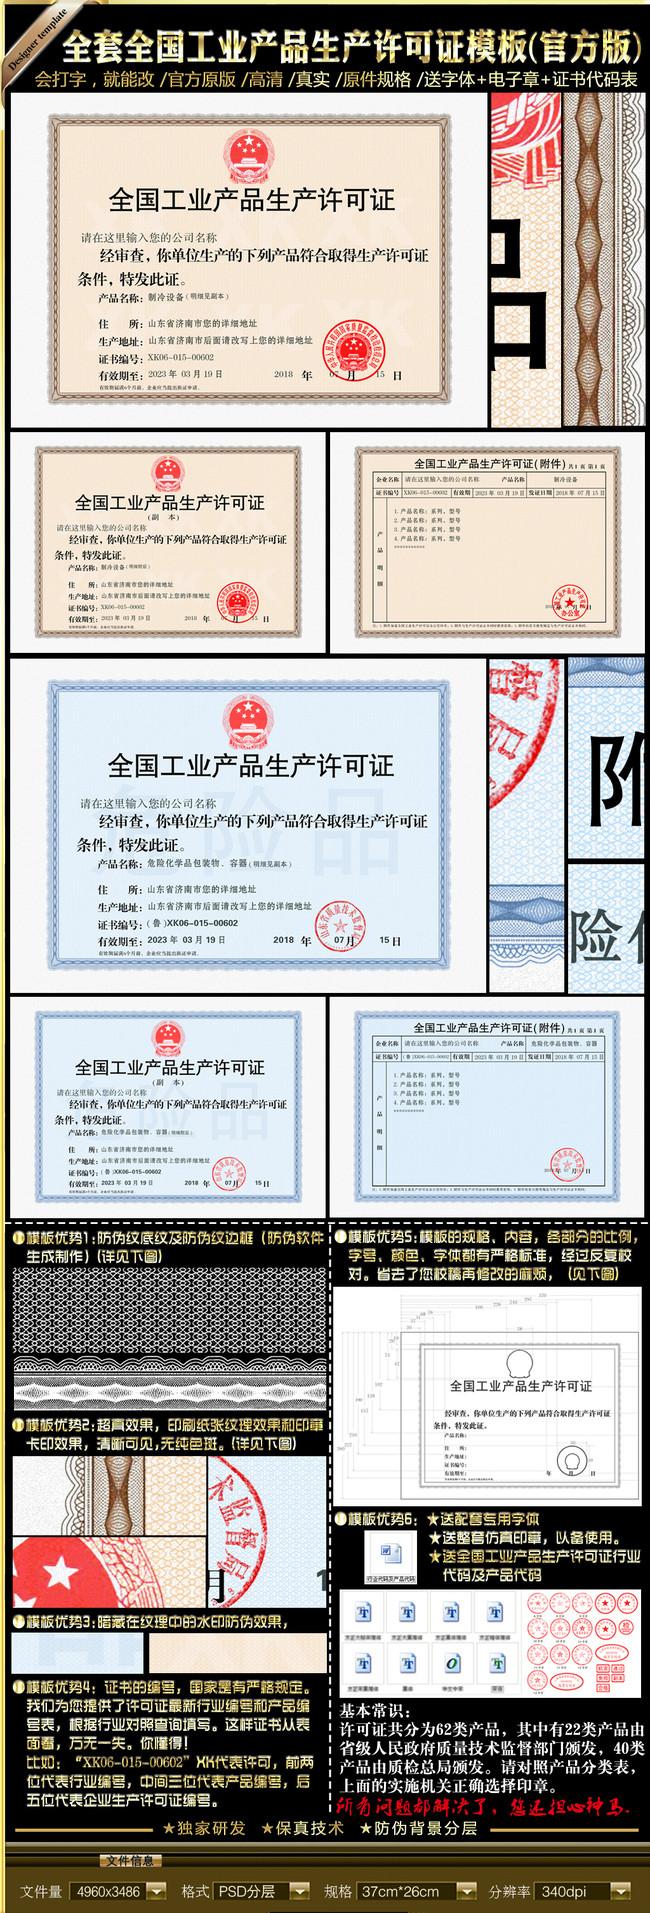 全套全国工业产品生产许可证模板